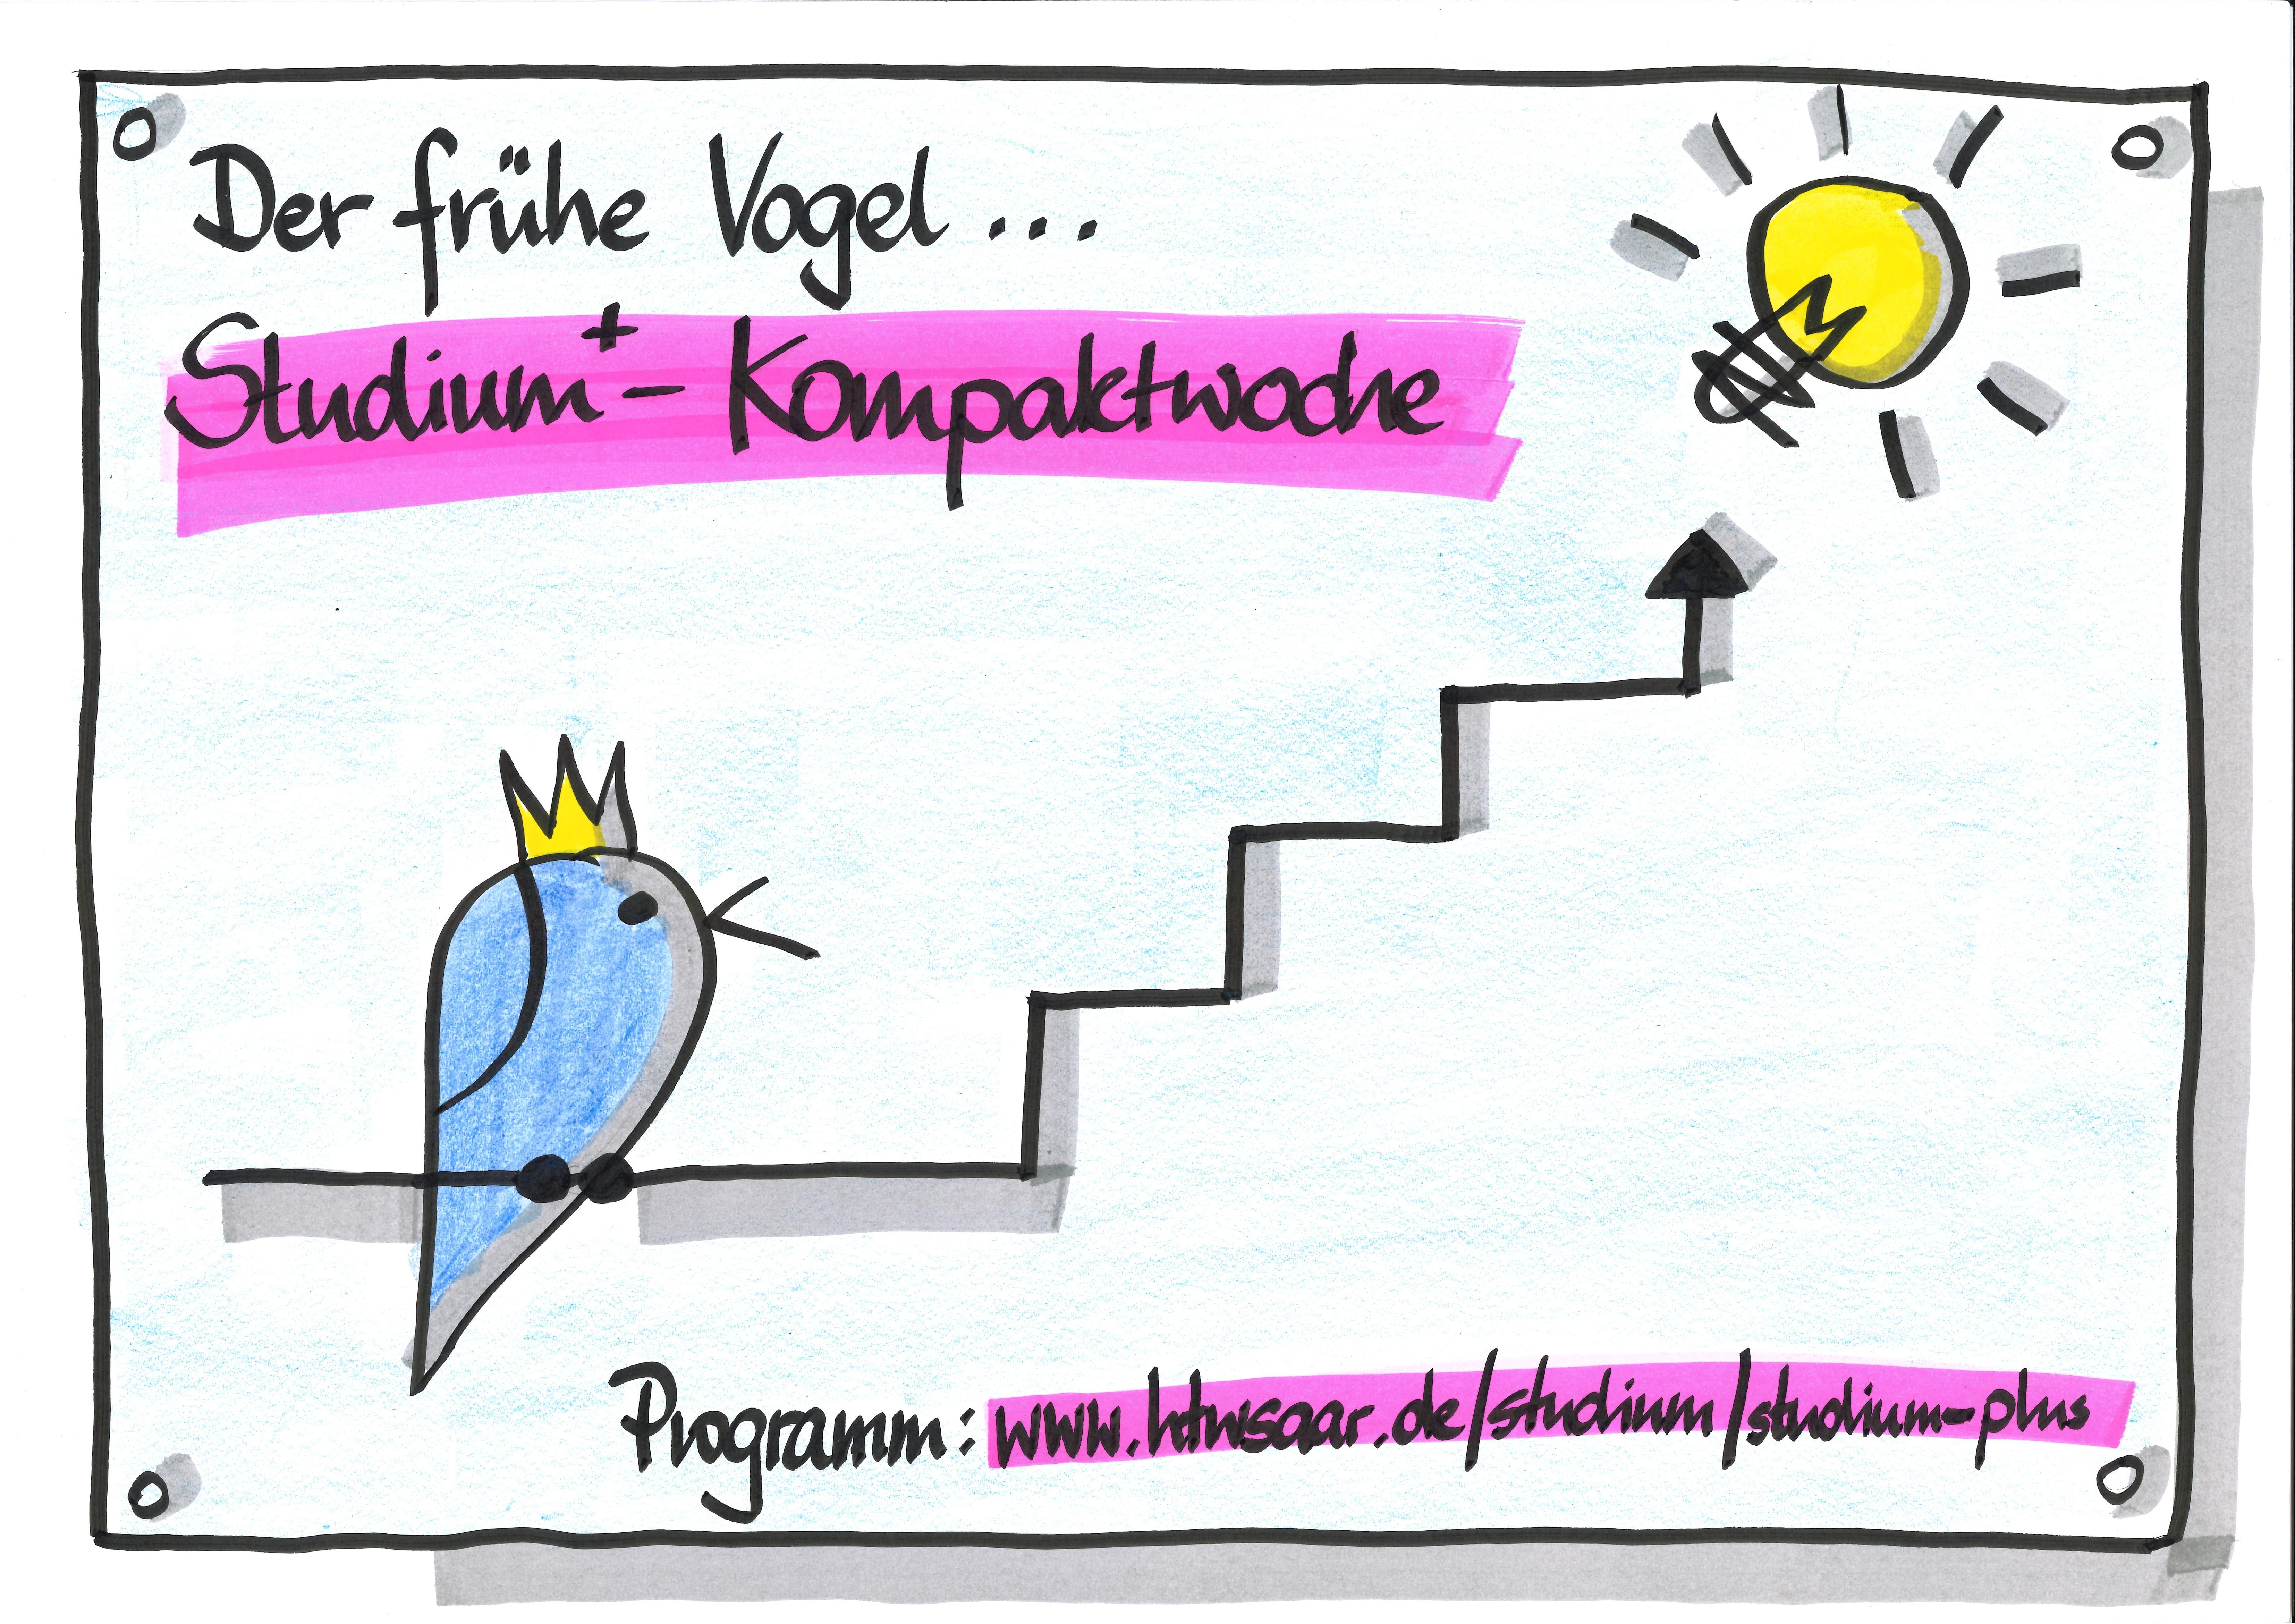 Vorlage Kompwoche.jpg